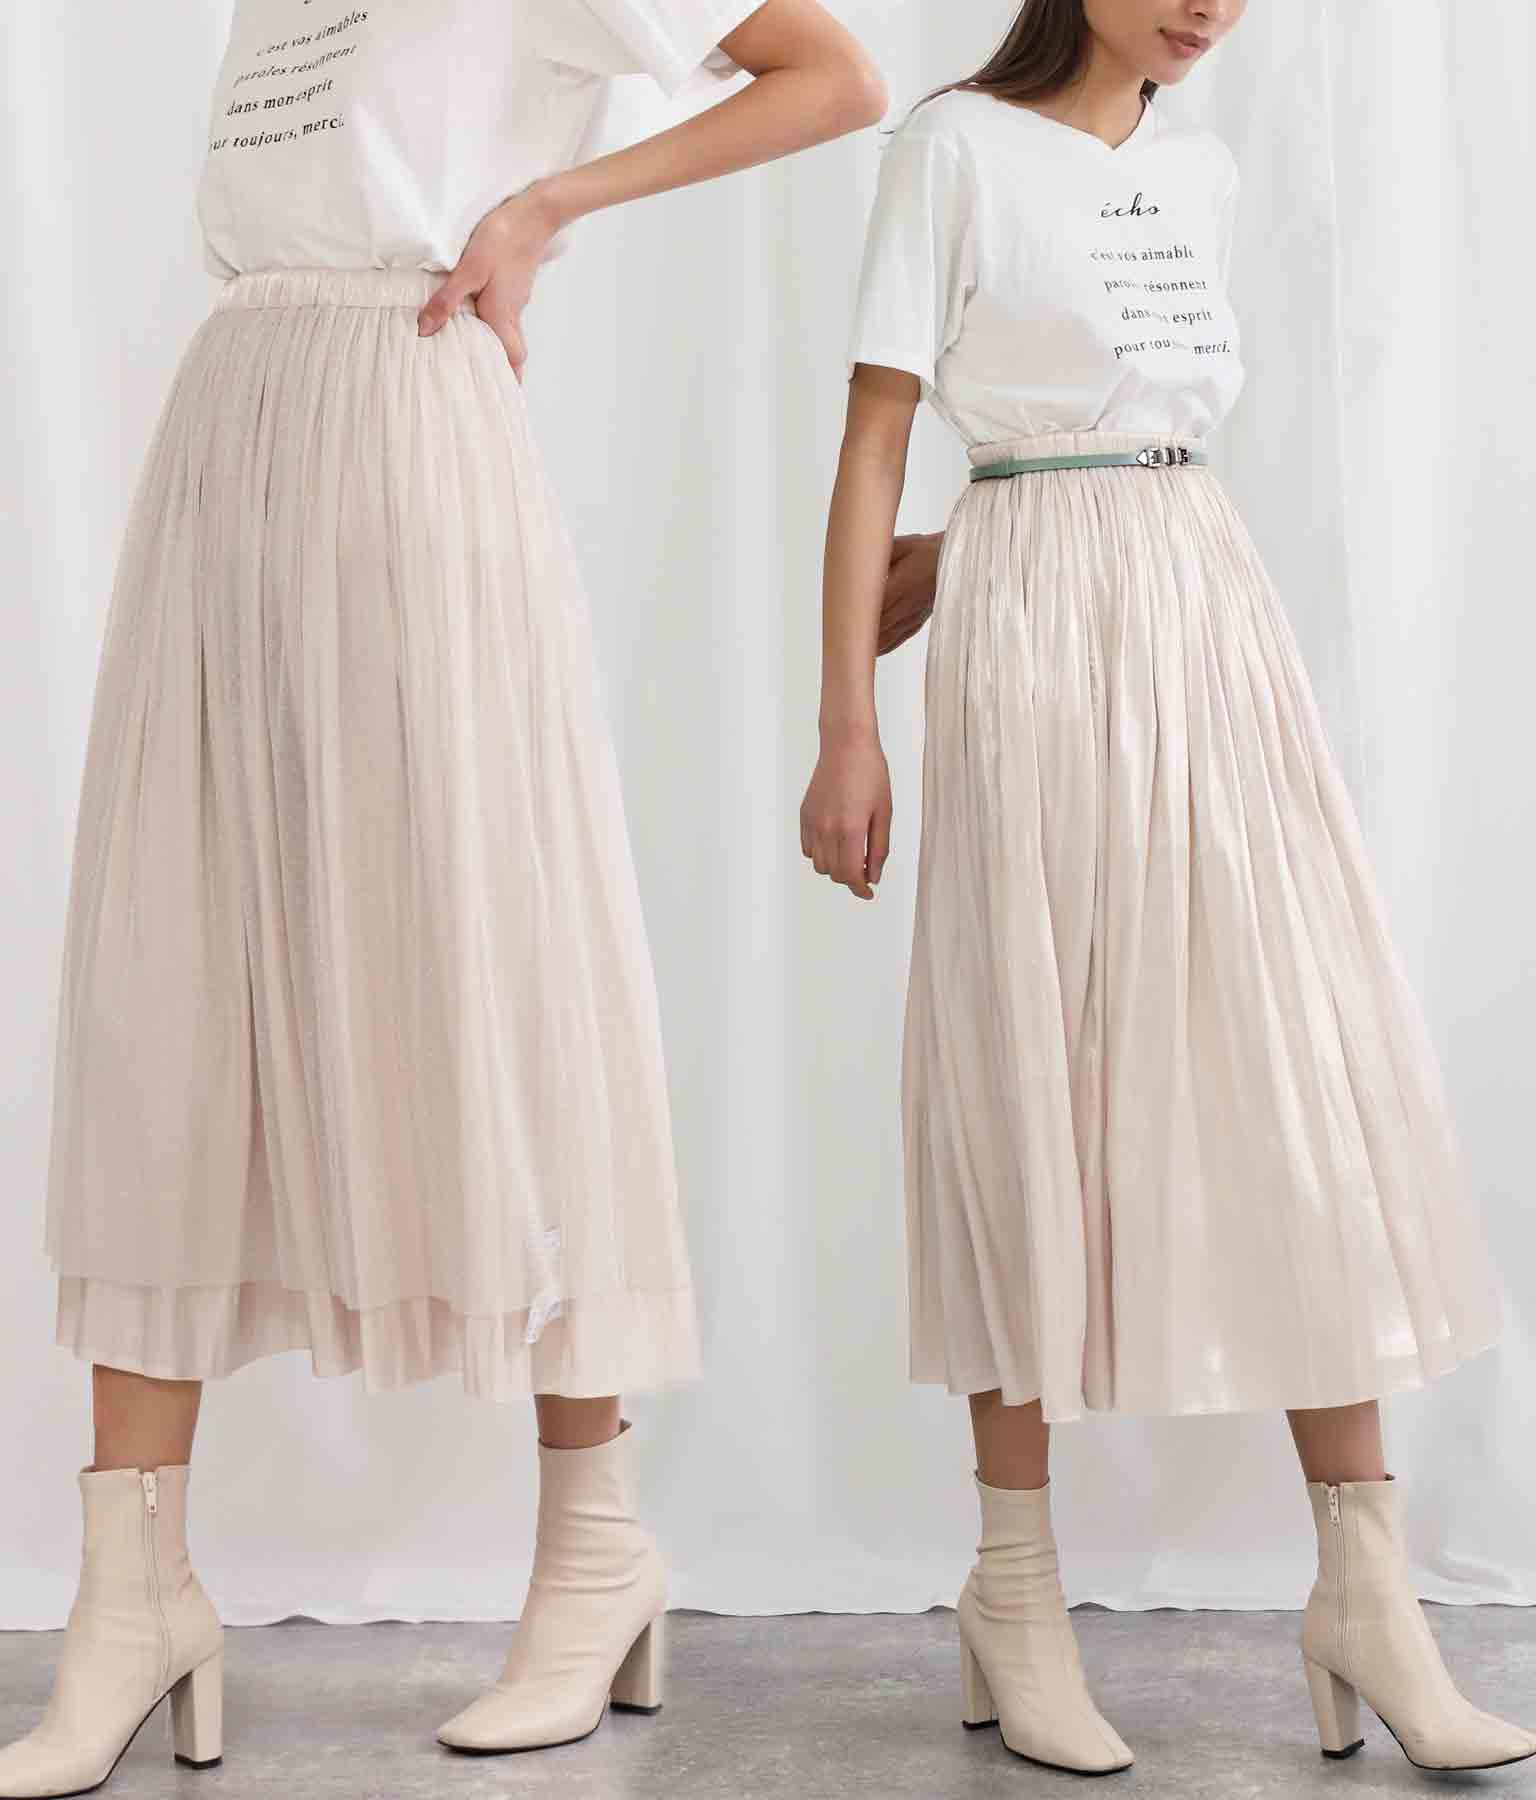 オーロラ×ラメチュールリバーシブルスカート